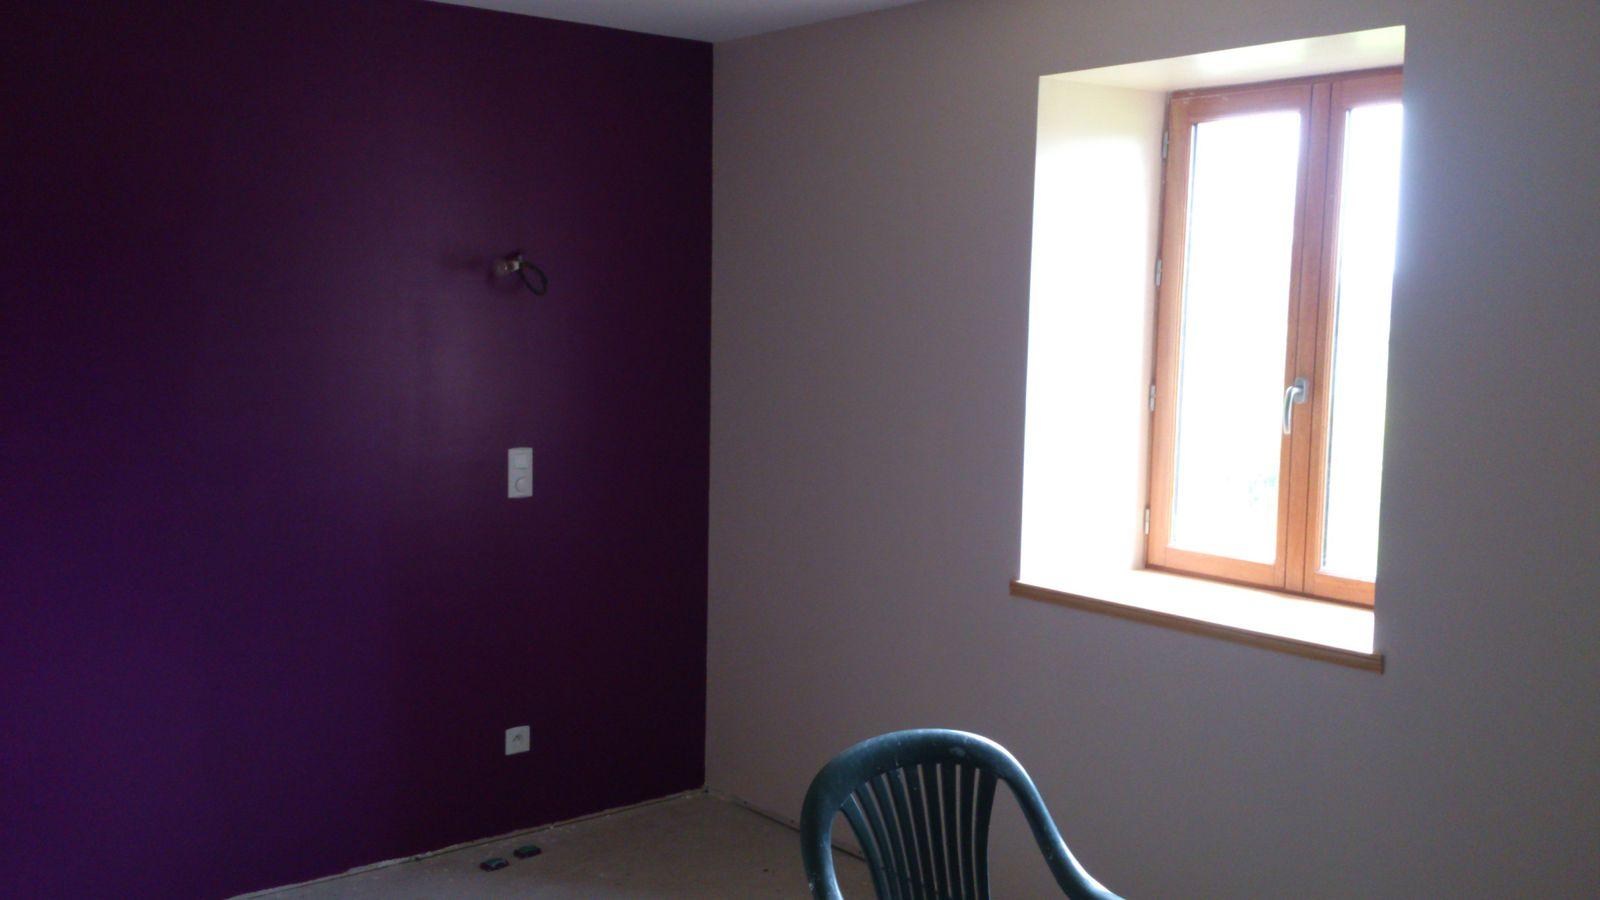 Chambre Adulte Violet Et Gris chambre violette et lin ! - renovation d'une fermette en